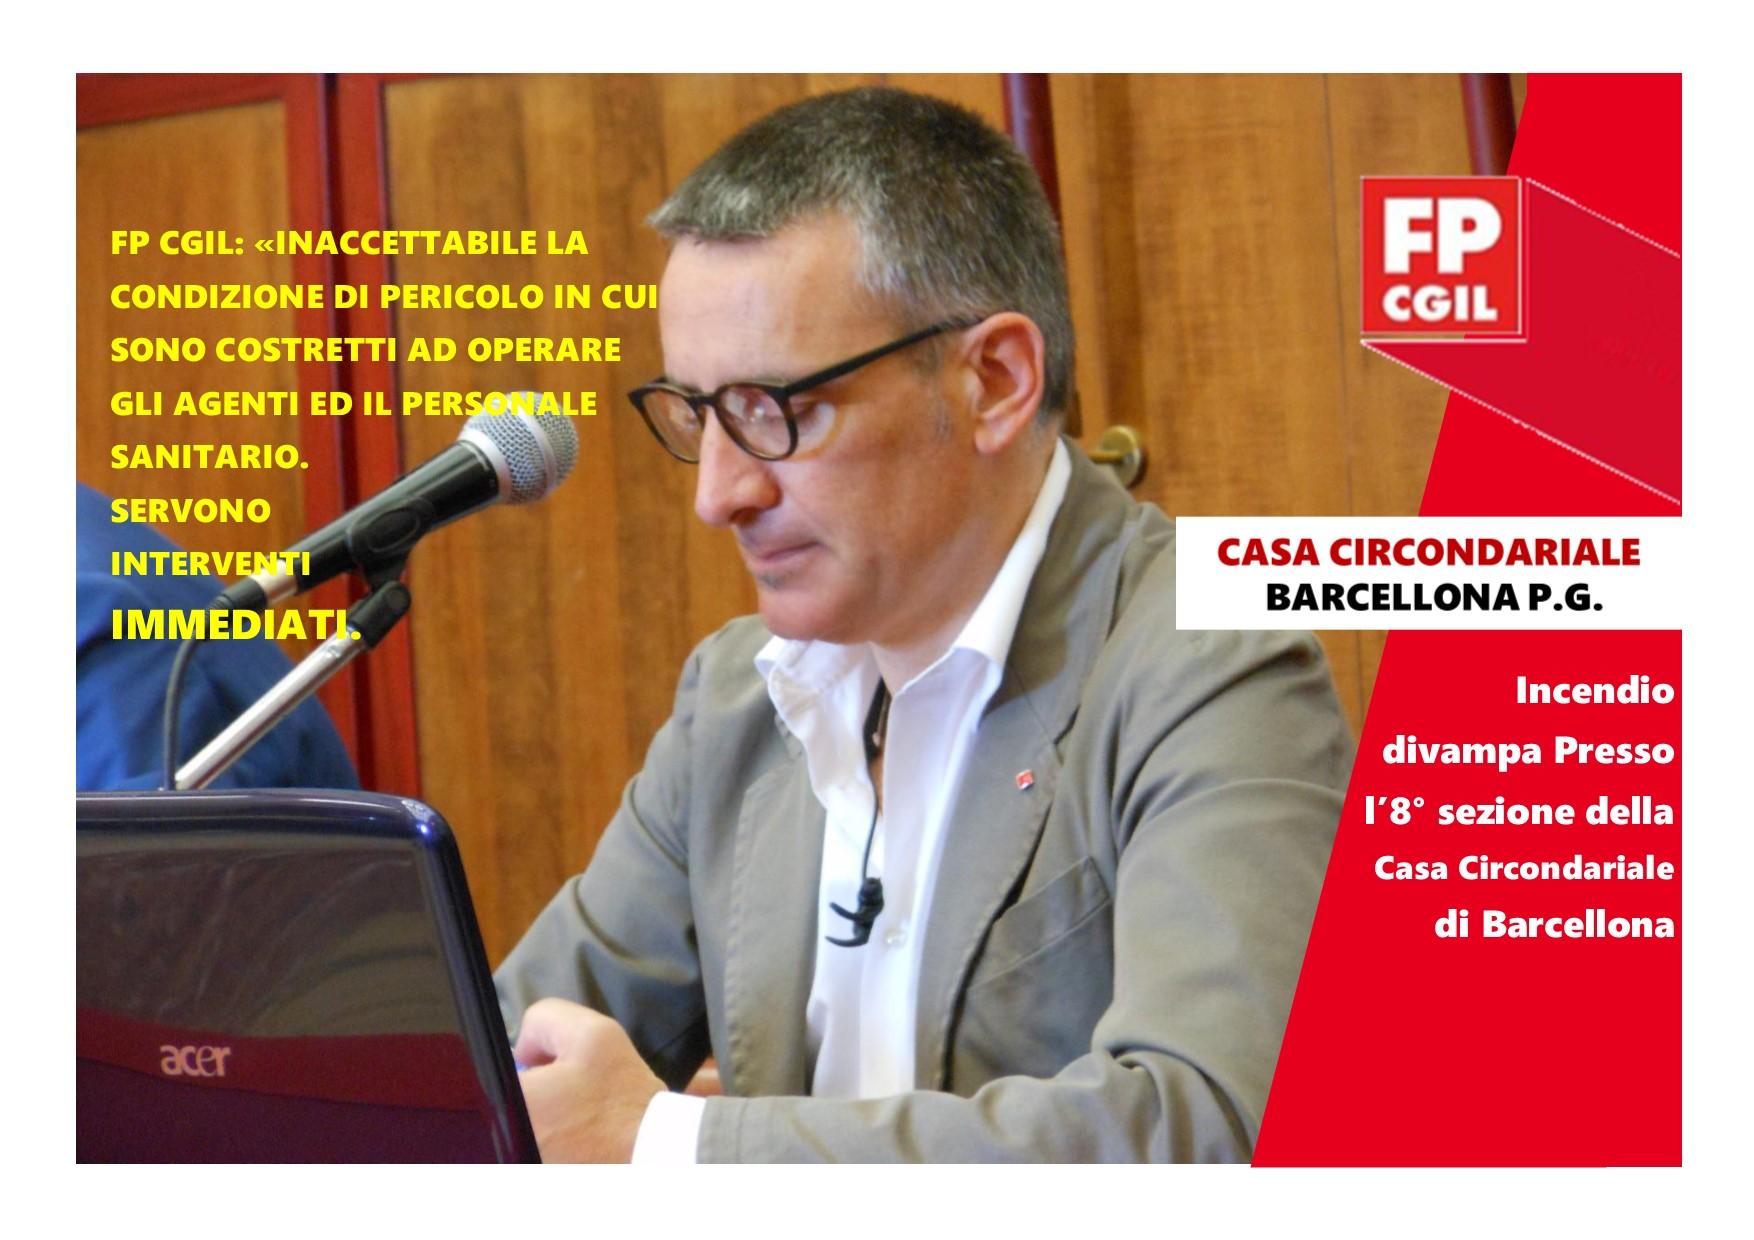 Incendio divampa Presso l'8° sezione della Casa Circondariale di Barcellona, FP CGIL: «Inaccettabile la condizione di pericolo in cui sono costretti ad operare gli agenti ed il personale sanitario. Servono interventi immediati»